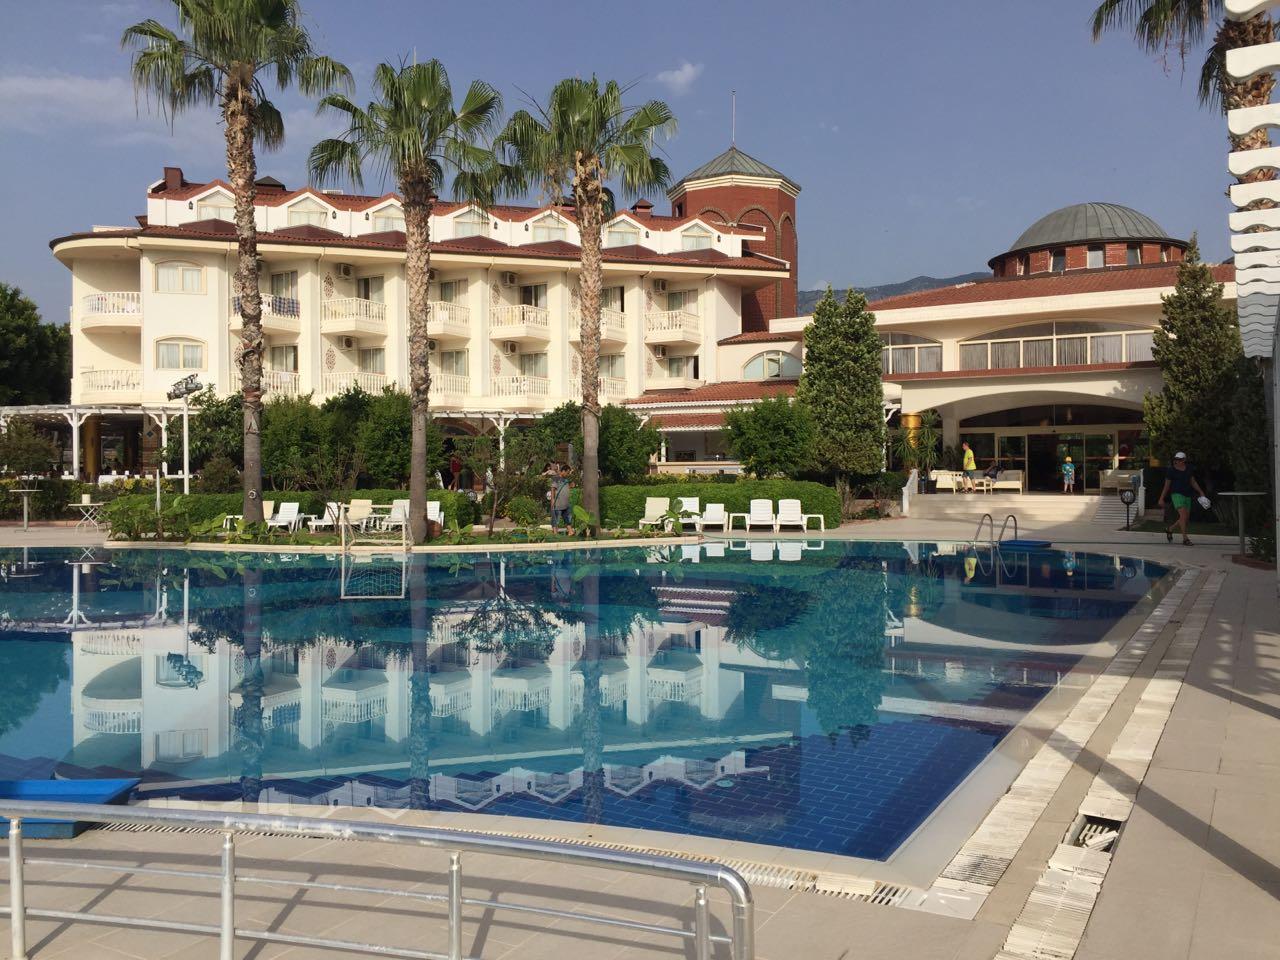 фото турция отель лариса султан бич в картинках если